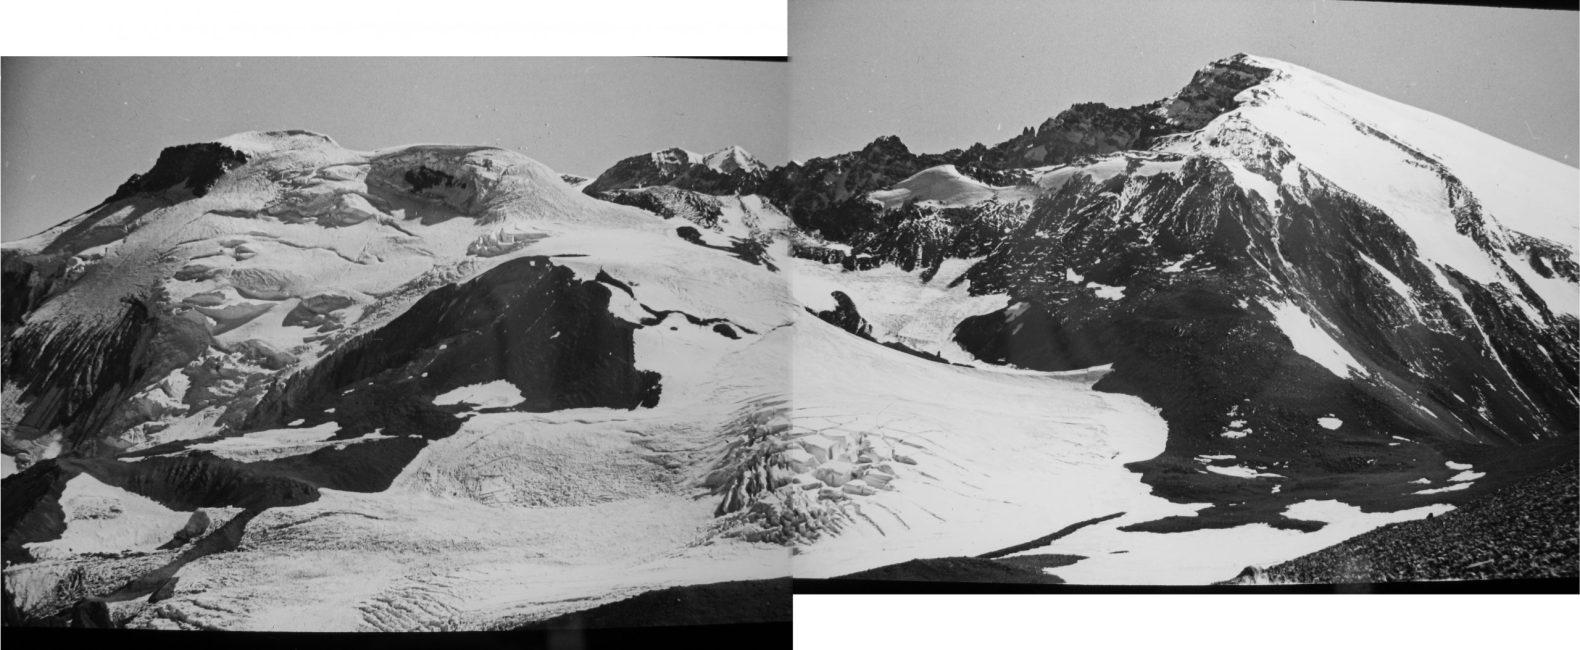 La Batalla por la Pirámide de los Andes – Traducción del relato del Primer Ascenso al cerro Pirámide de 1935